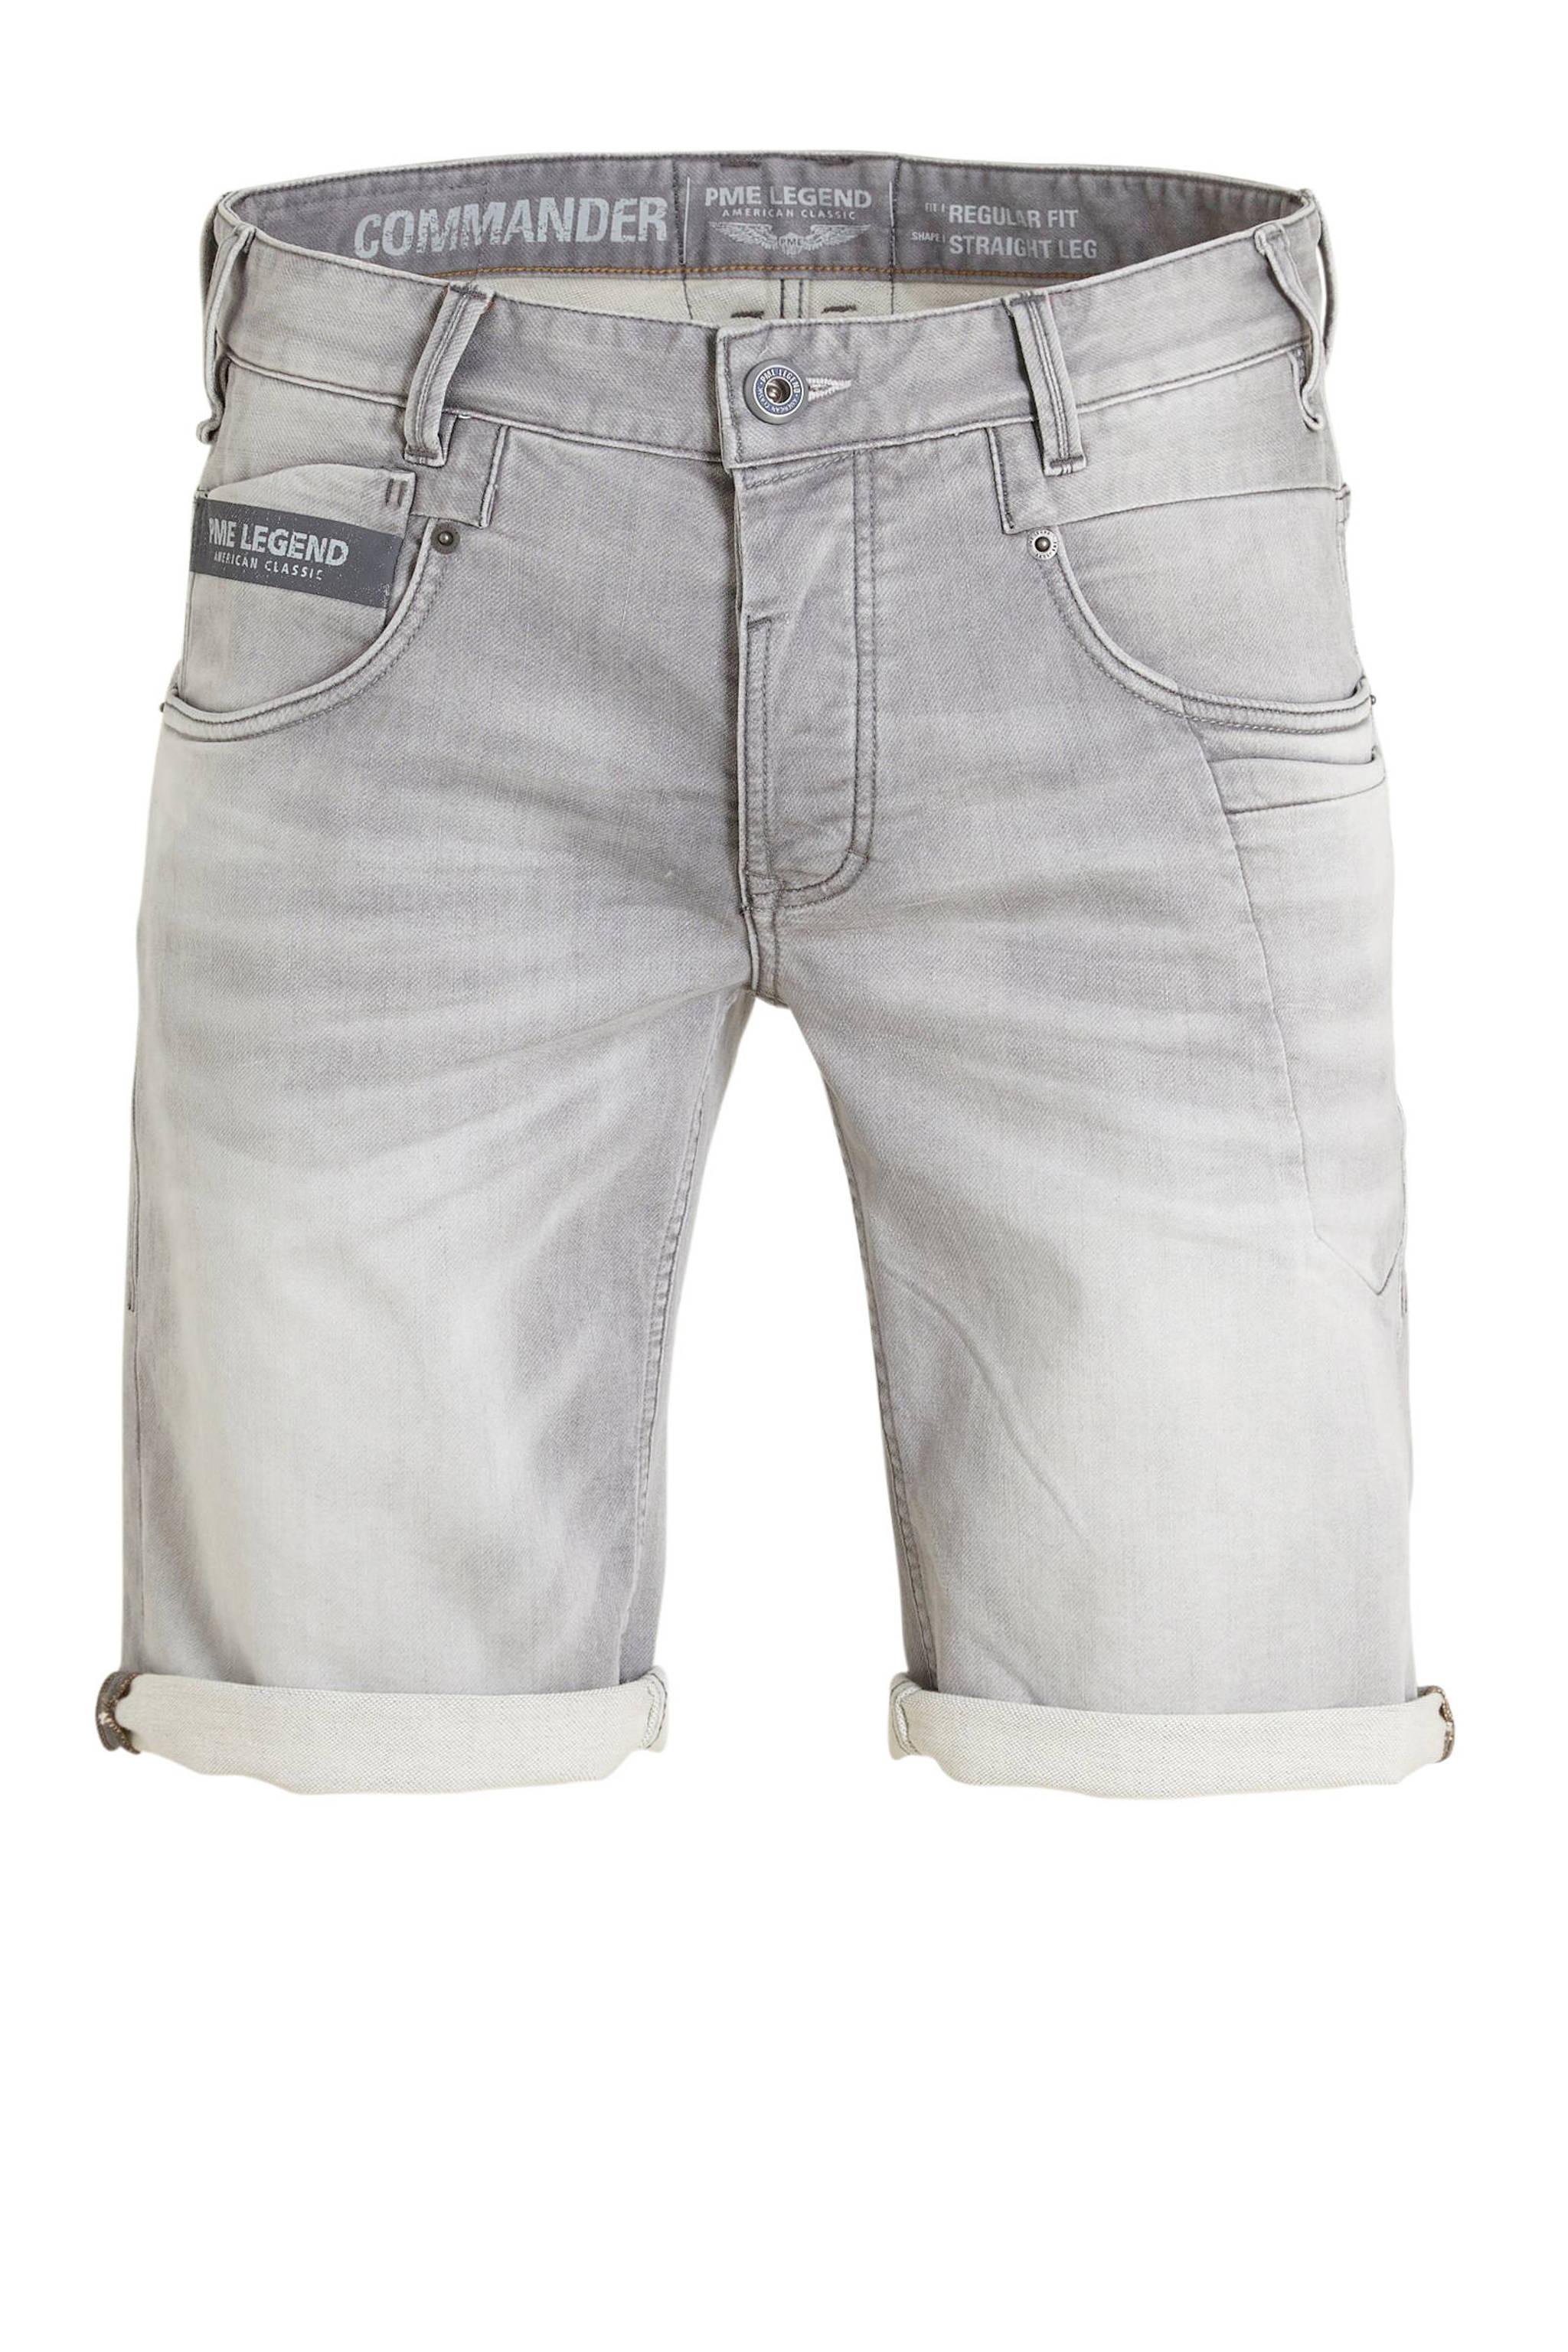 pme legend regular fit jeans short grijs grijs 8719419286371 - Pme Korte Broek Heren Sale